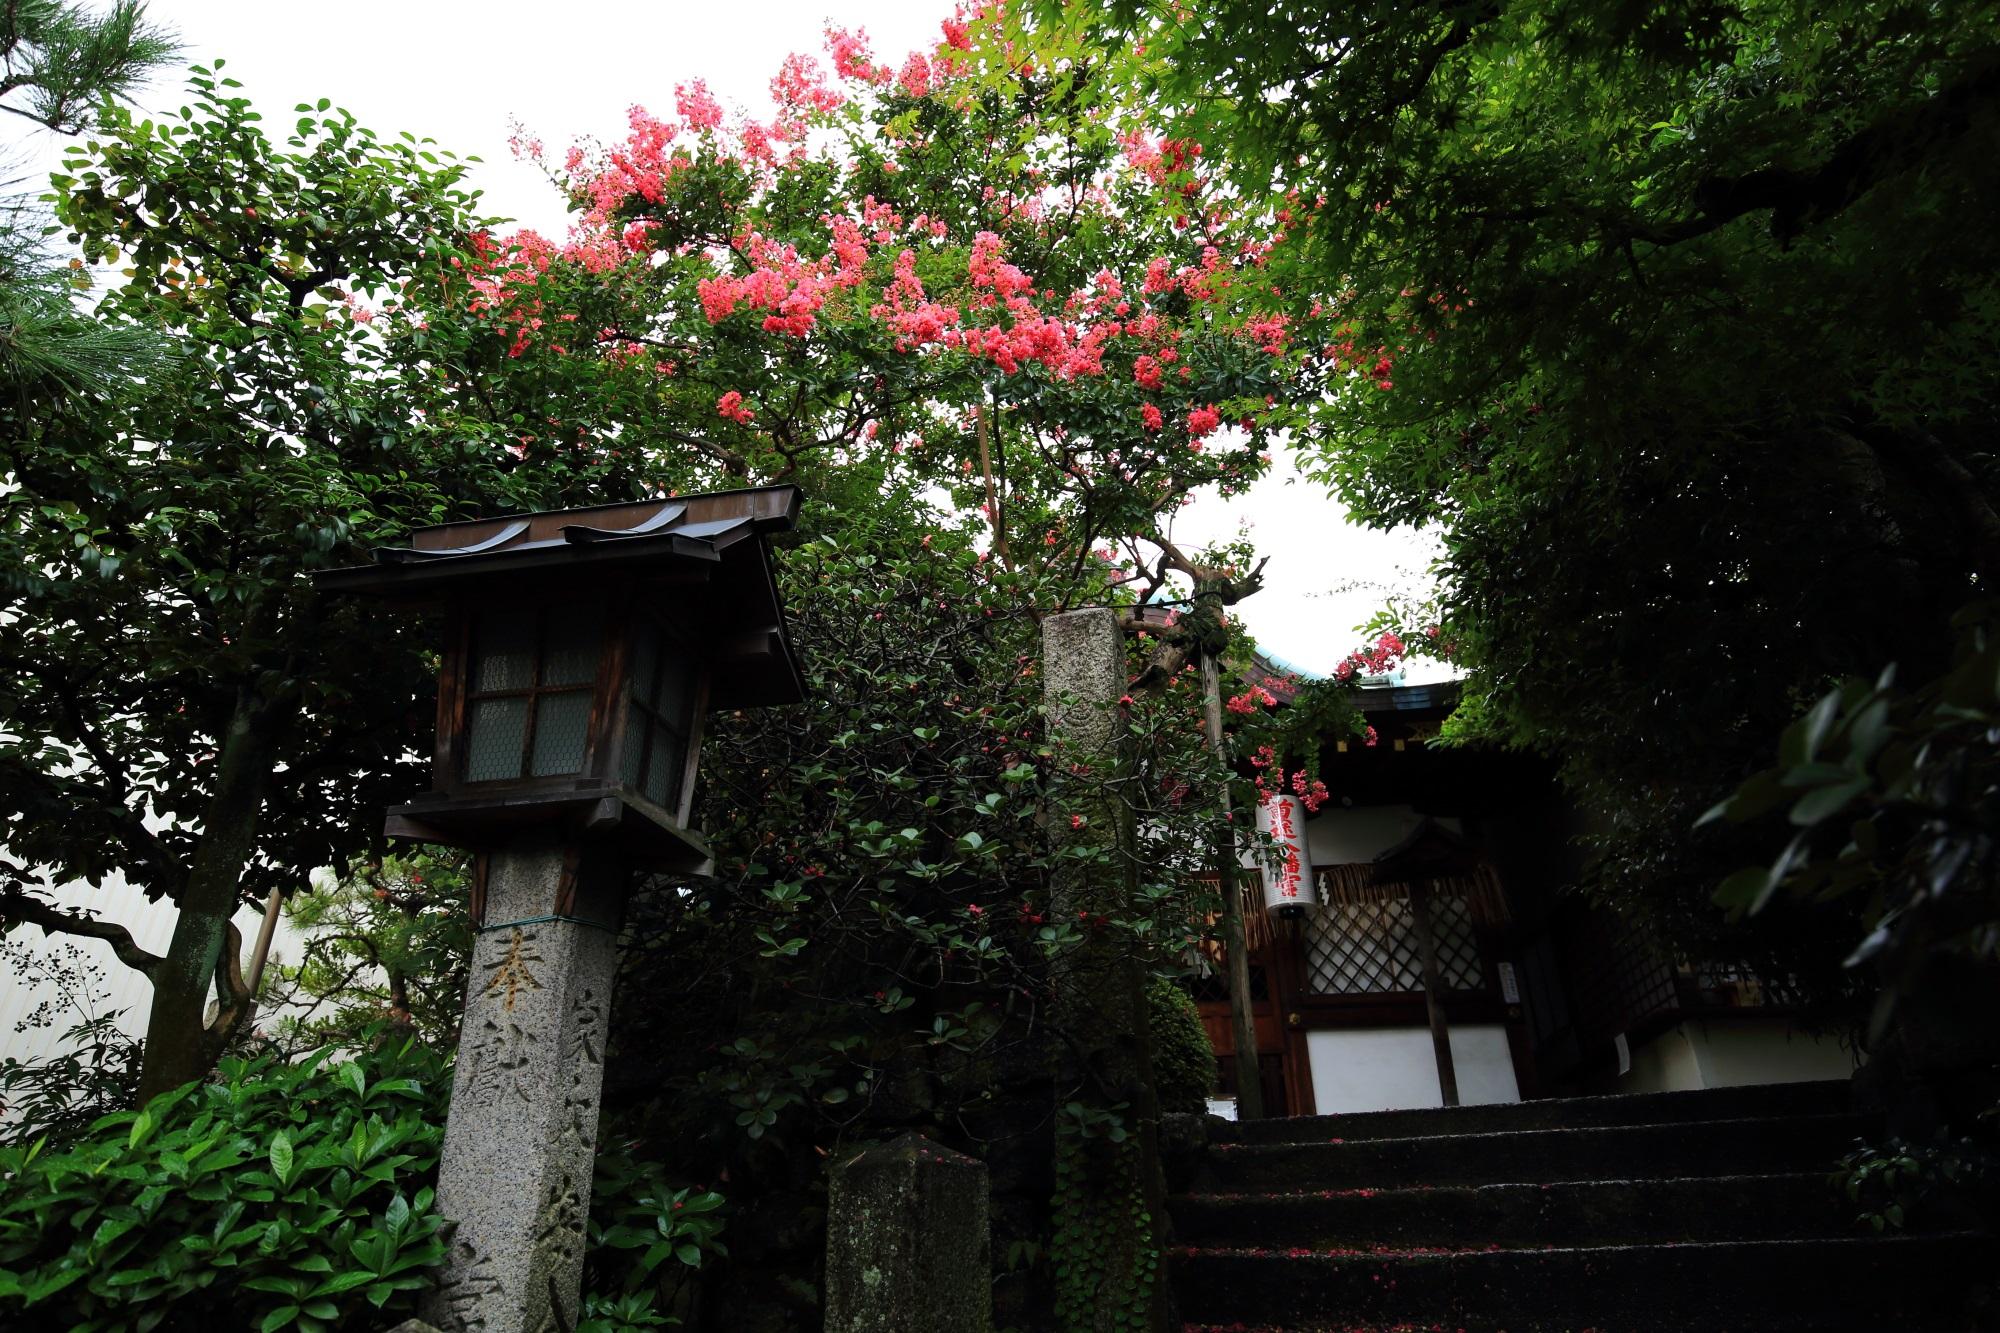 首途八幡宮の本殿前で咲く百日紅(サルスベリ)